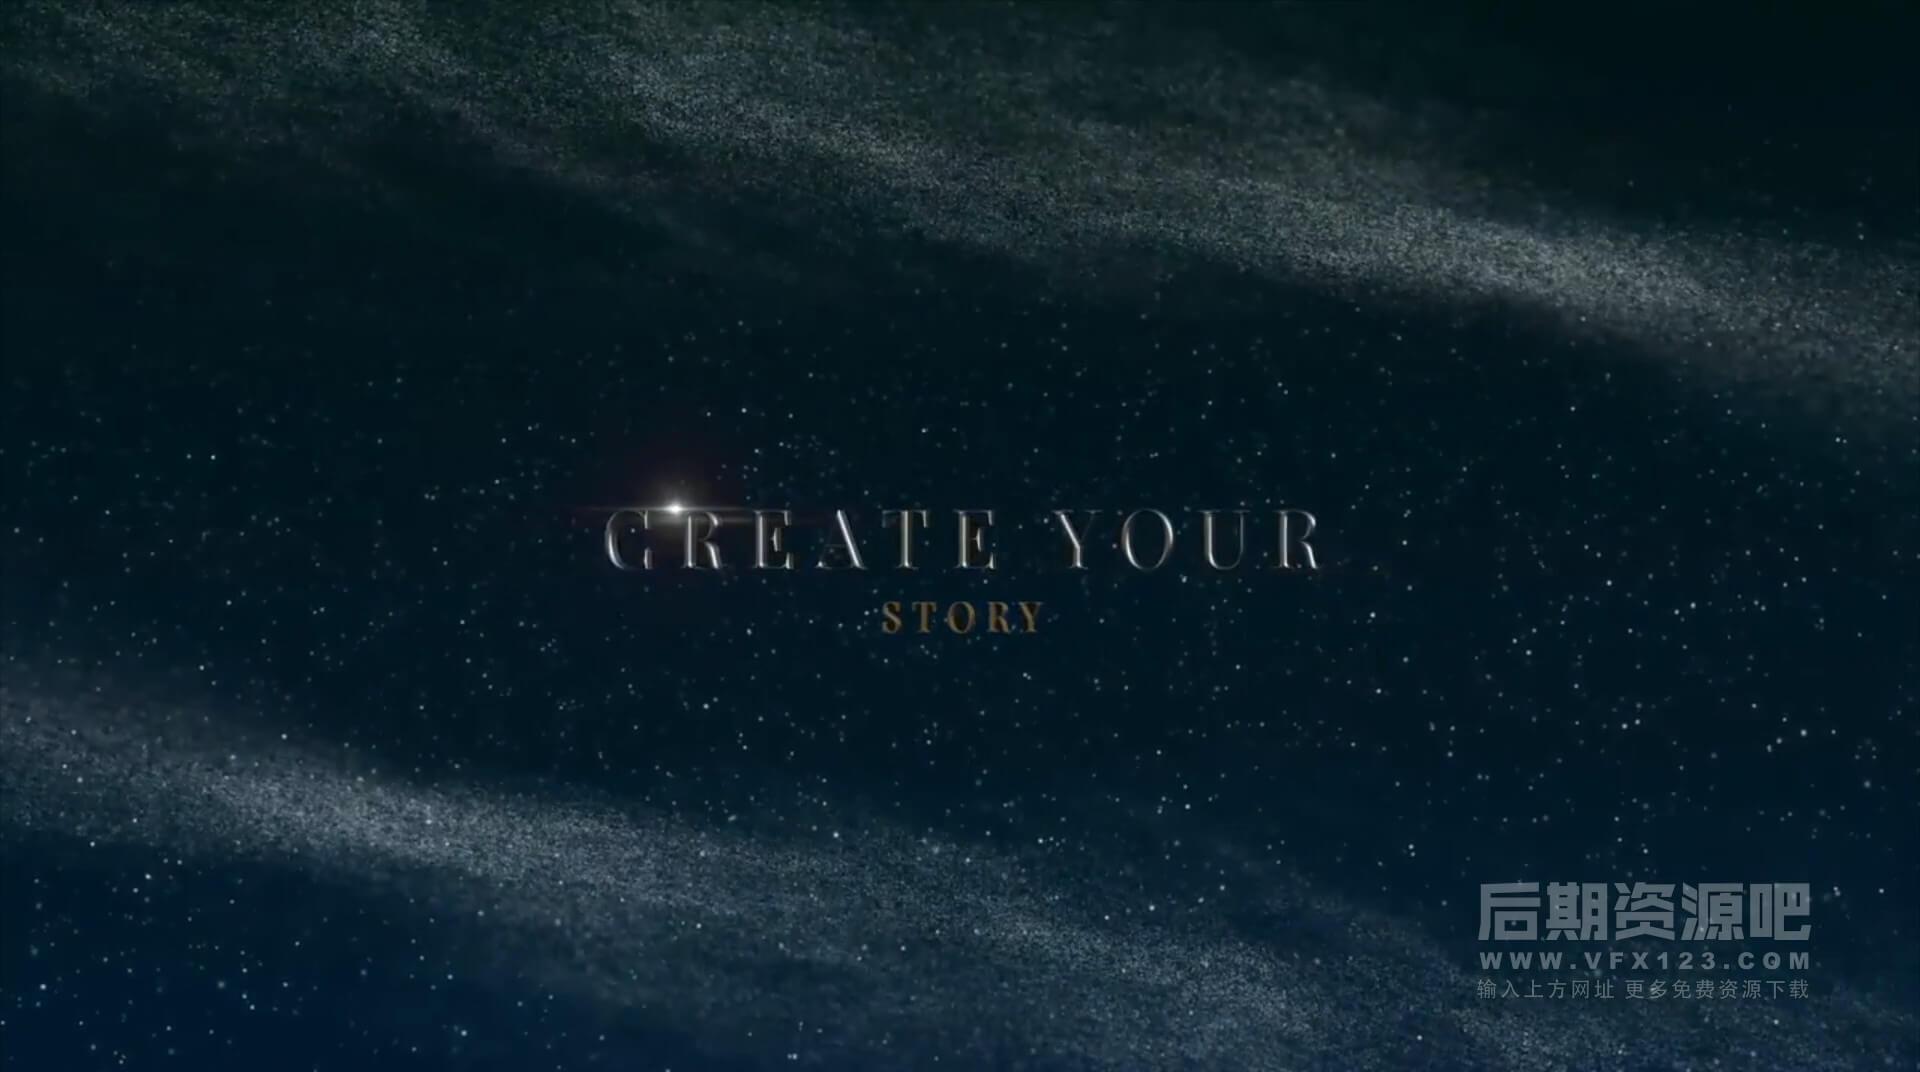 fcpx主题模板 3D立体文字标题深邃星空背景电影预告片头 Luxury Titles